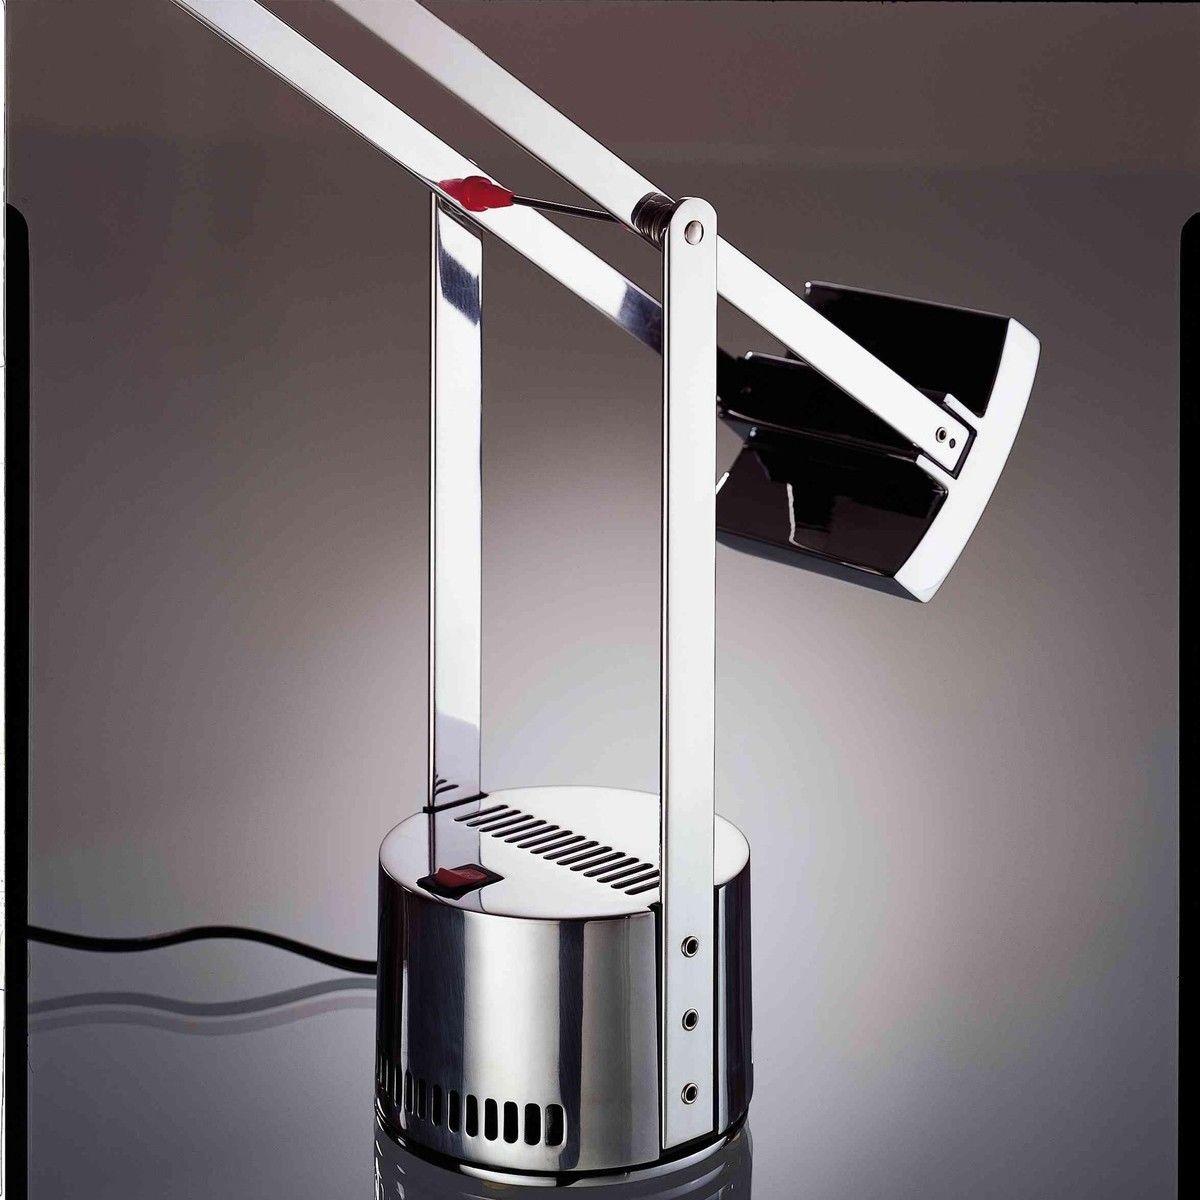 tizio x desk lamp  artemide  ambientedirectcom - artemide  tizio x desk lamp